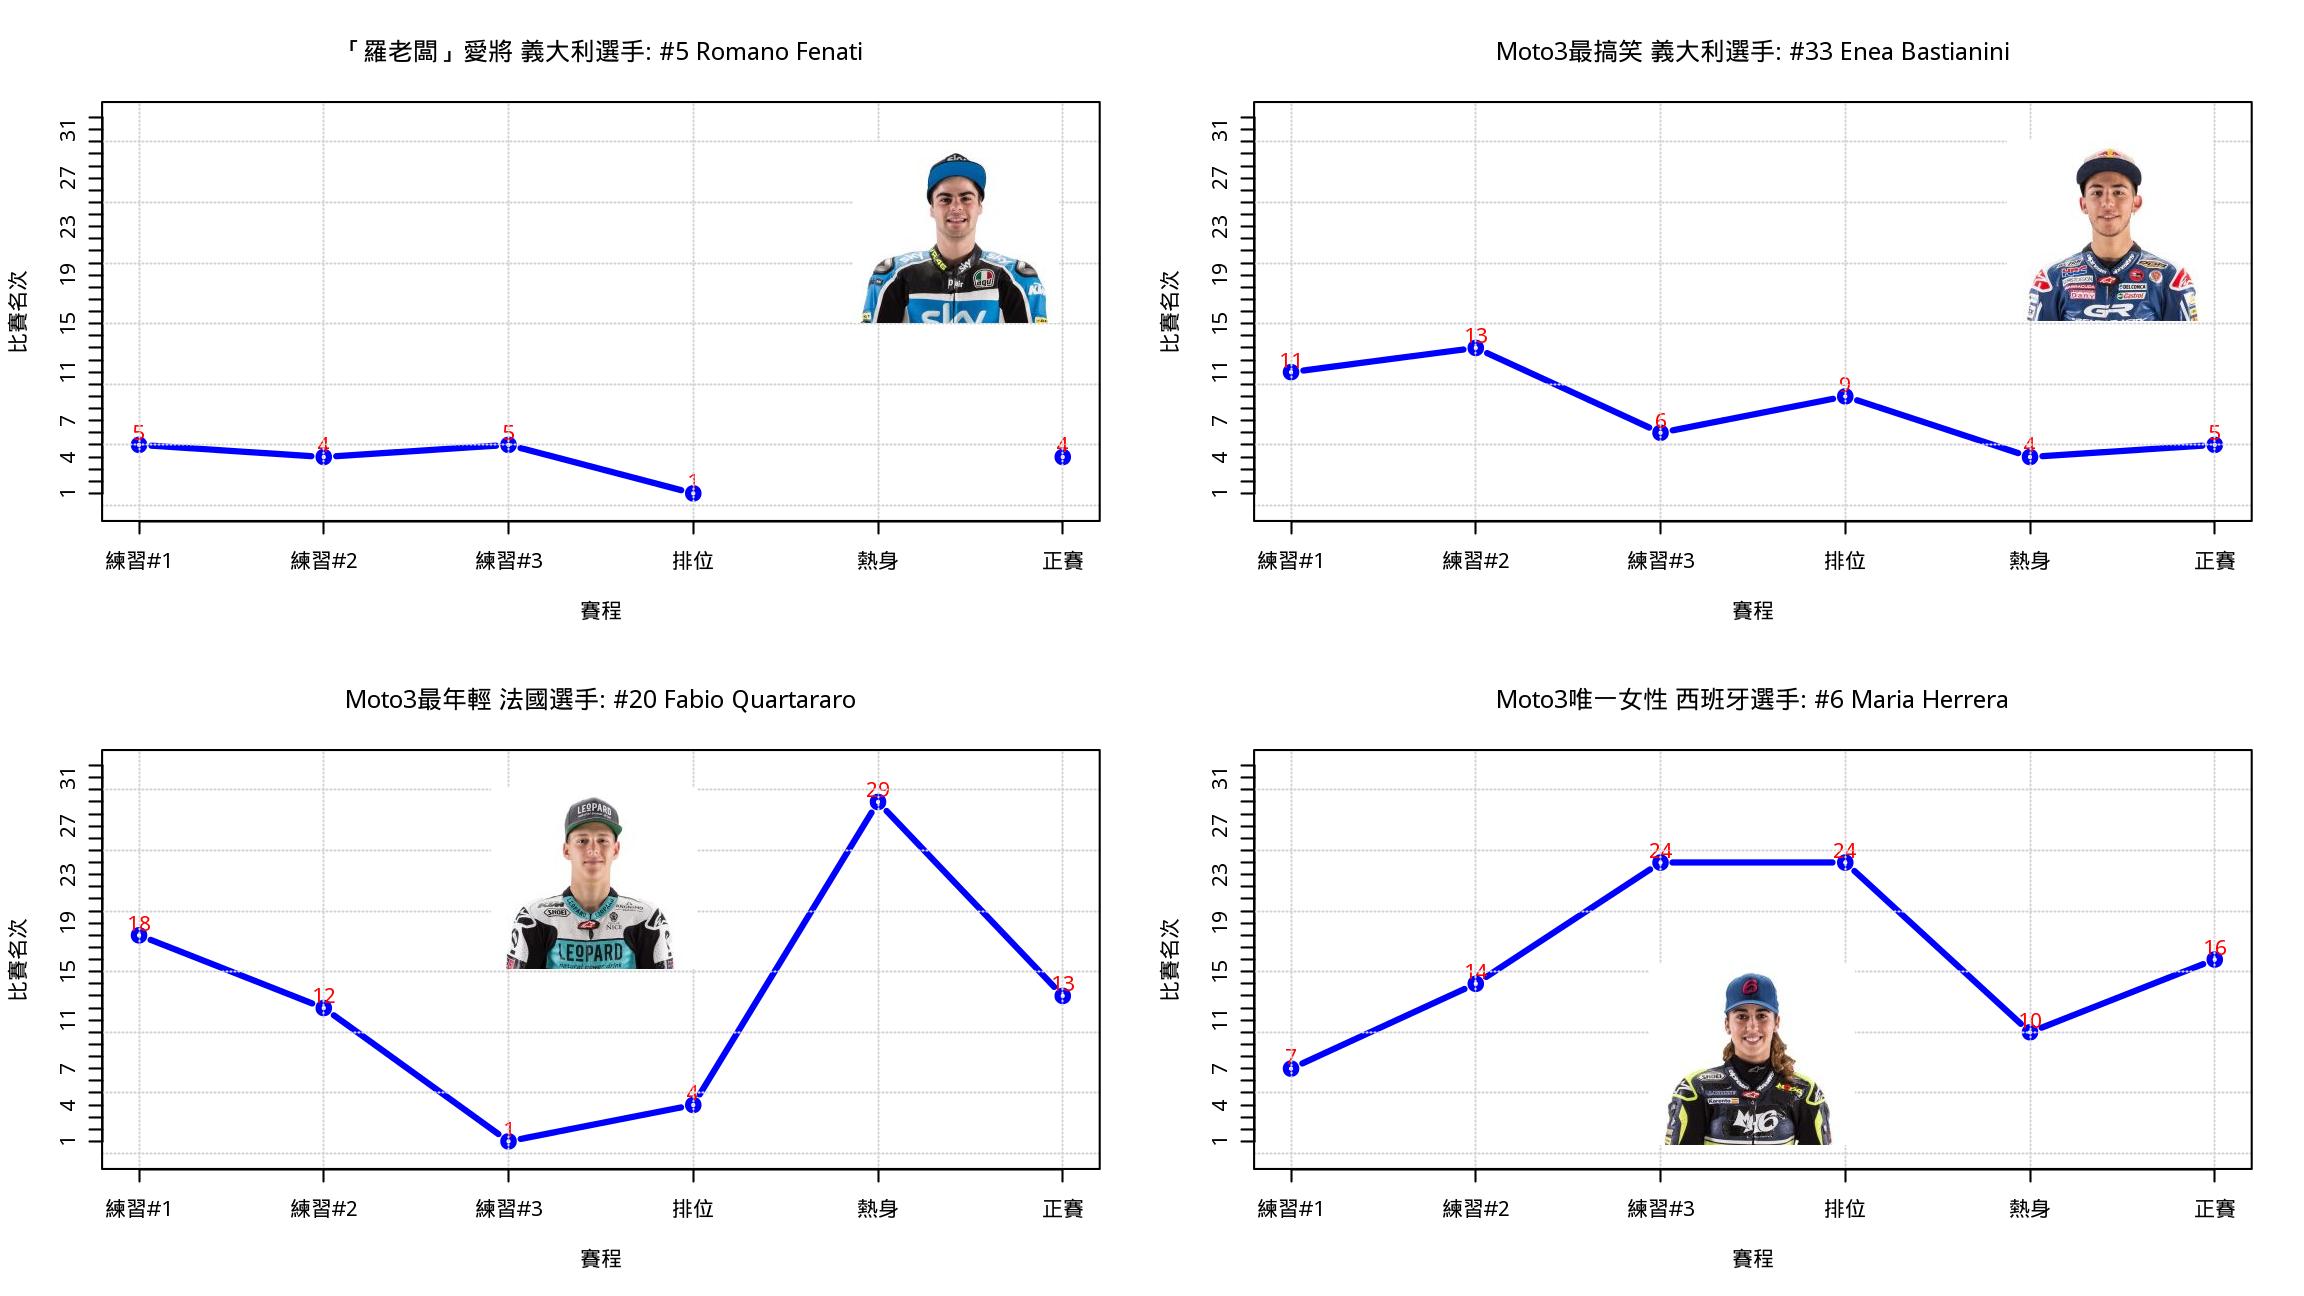 圖五. 2016卡達站Moto3關注選手三天賽事表現趨勢比較.